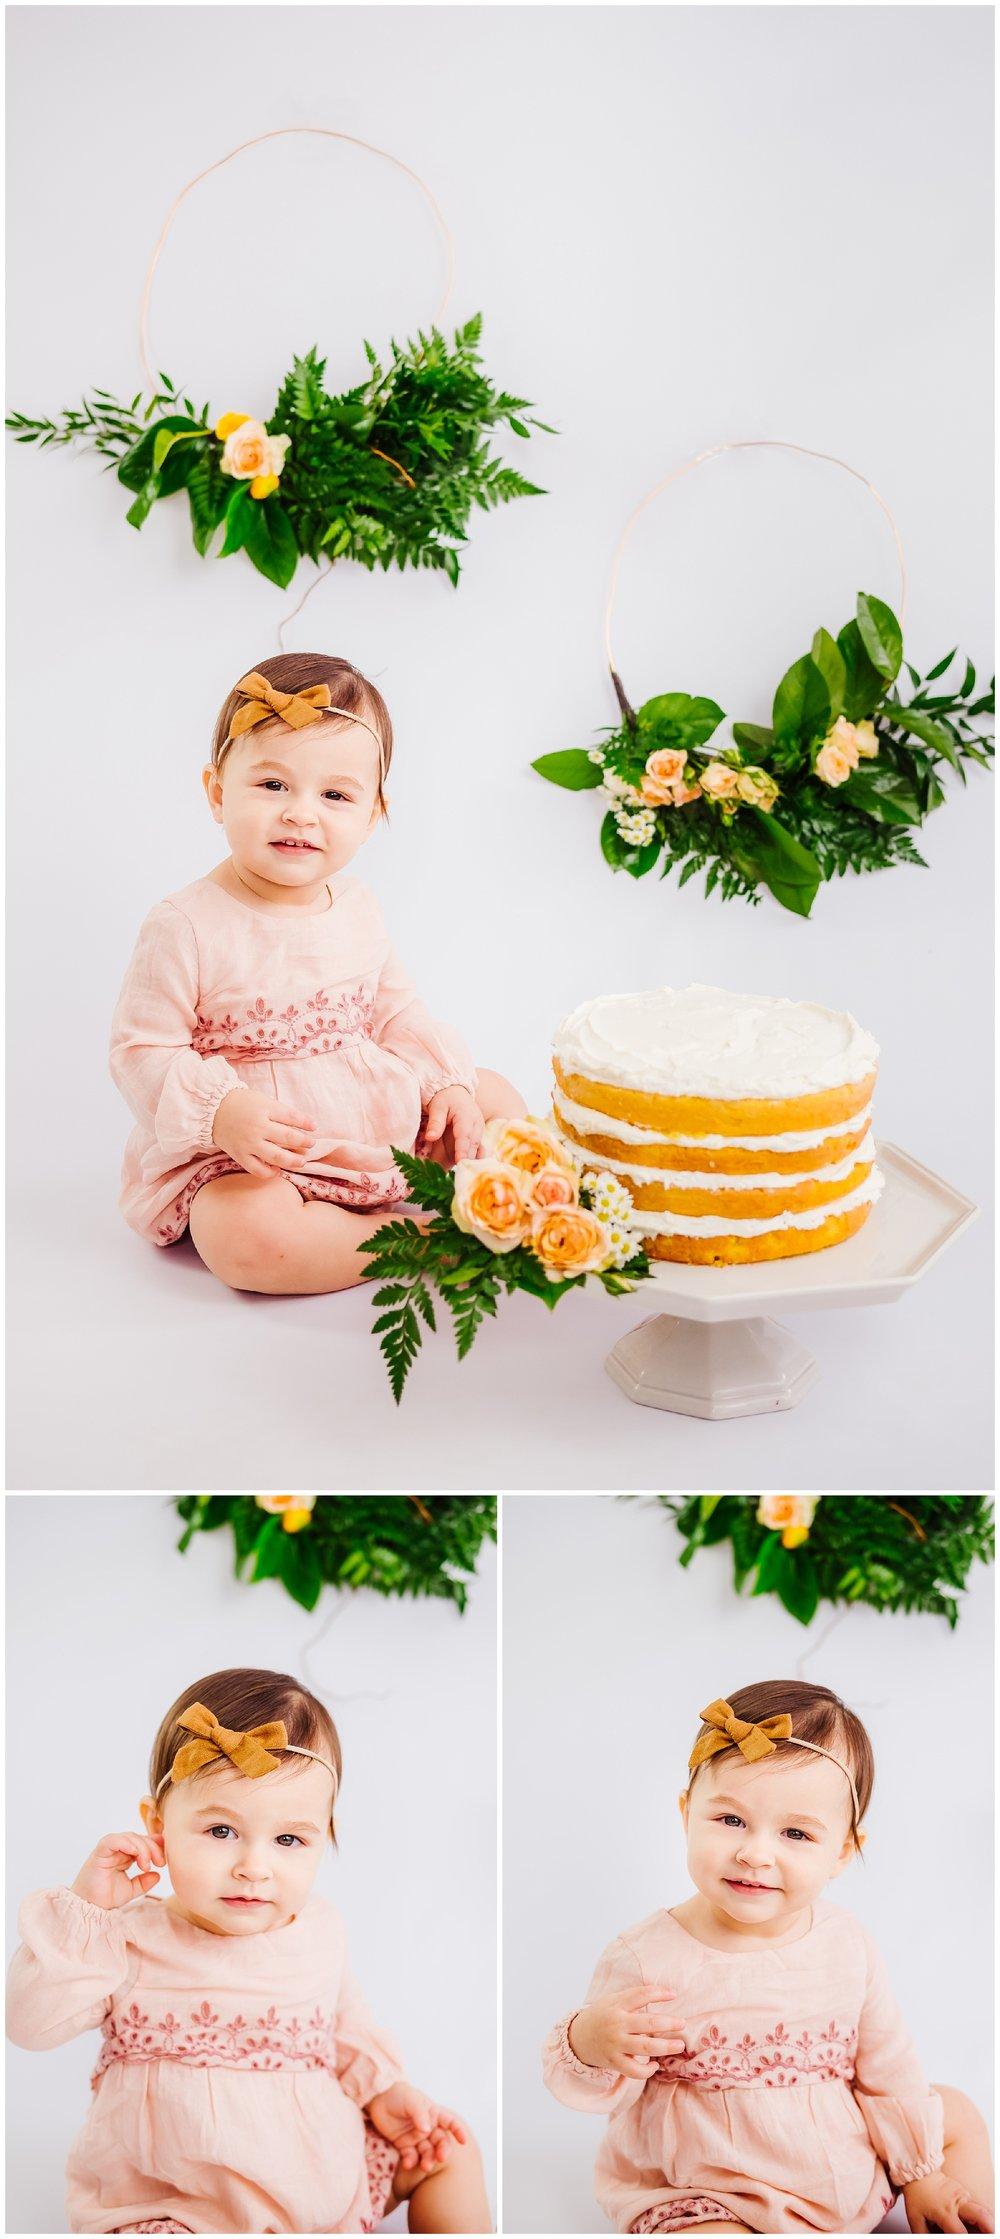 tampa-studio-portrait-photographer-seminole-heights-one-year-cake-smash-baby-boho_0001.jpg